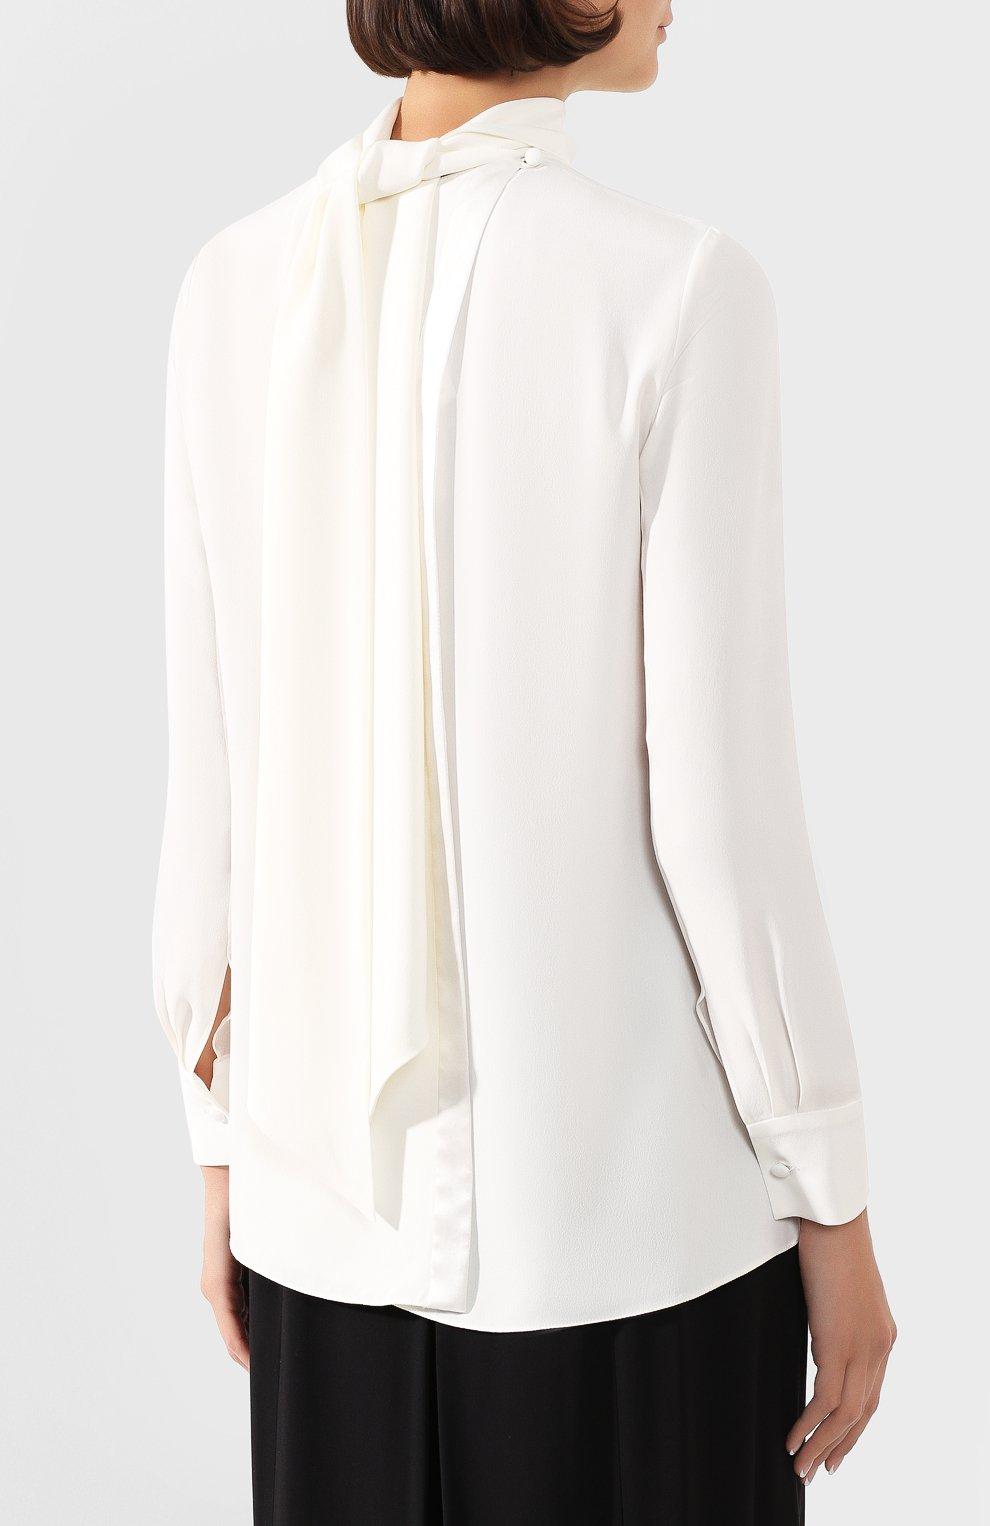 Женская блузка ADAM LIPPES белого цвета, арт. R20117SB   Фото 4 (Рукава: Длинные; Принт: Без принта; Материал внешний: Синтетический материал; Длина (для топов): Стандартные; Стили: Классический; Силуэт Ж (для верхов): Приталенный; Женское Кросс-КТ: Блуза-одежда; Статус проверки: Проверена категория)